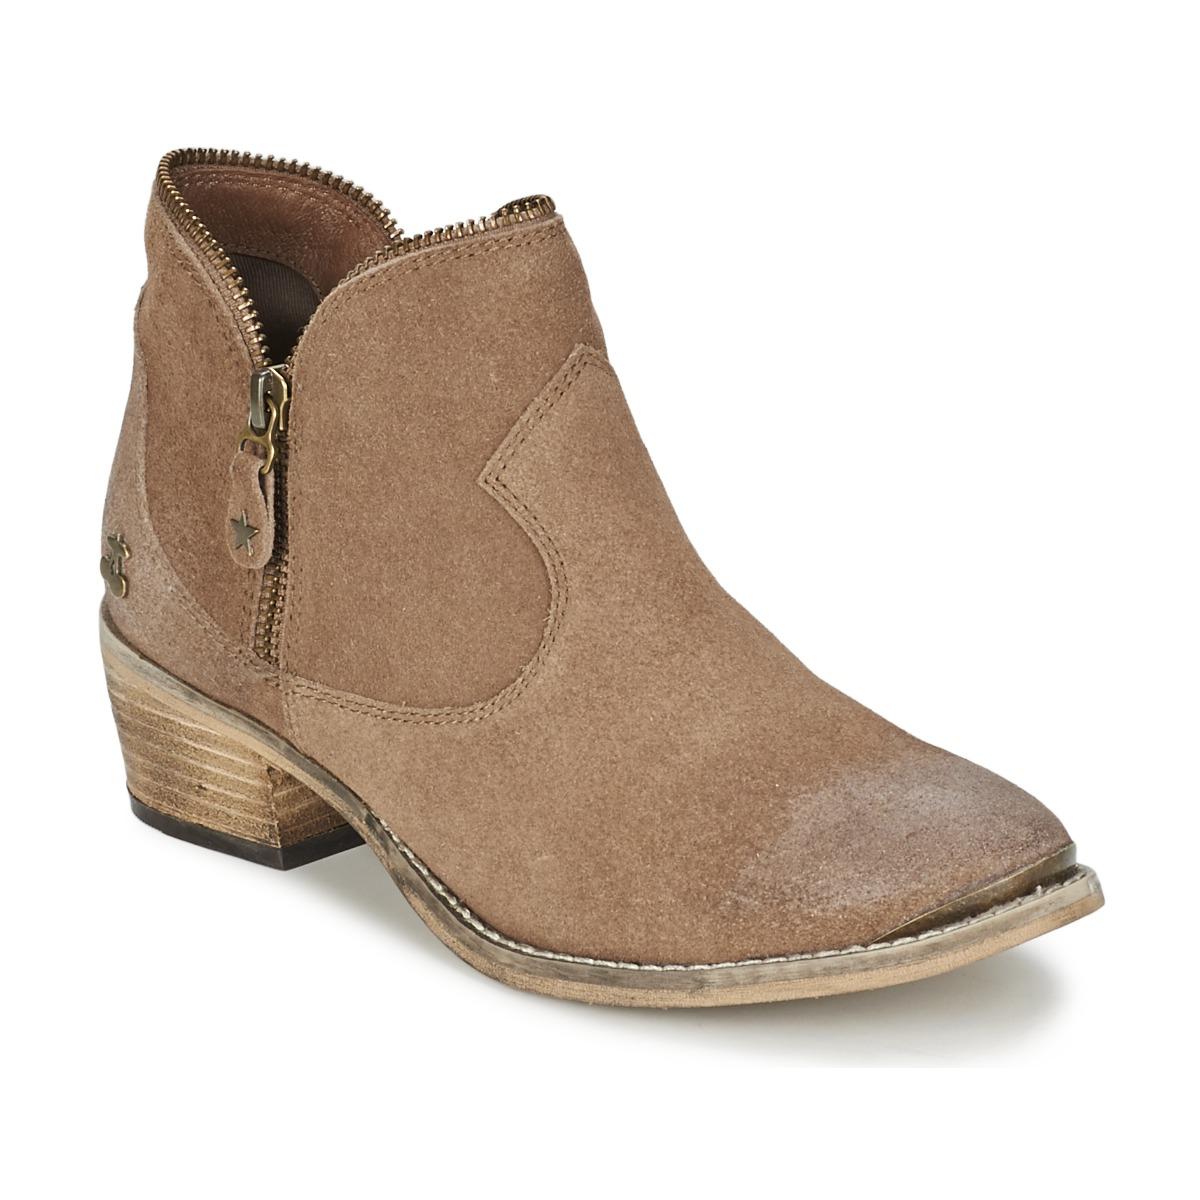 le temps des cerises grace sable livraison gratuite avec chaussures boots. Black Bedroom Furniture Sets. Home Design Ideas